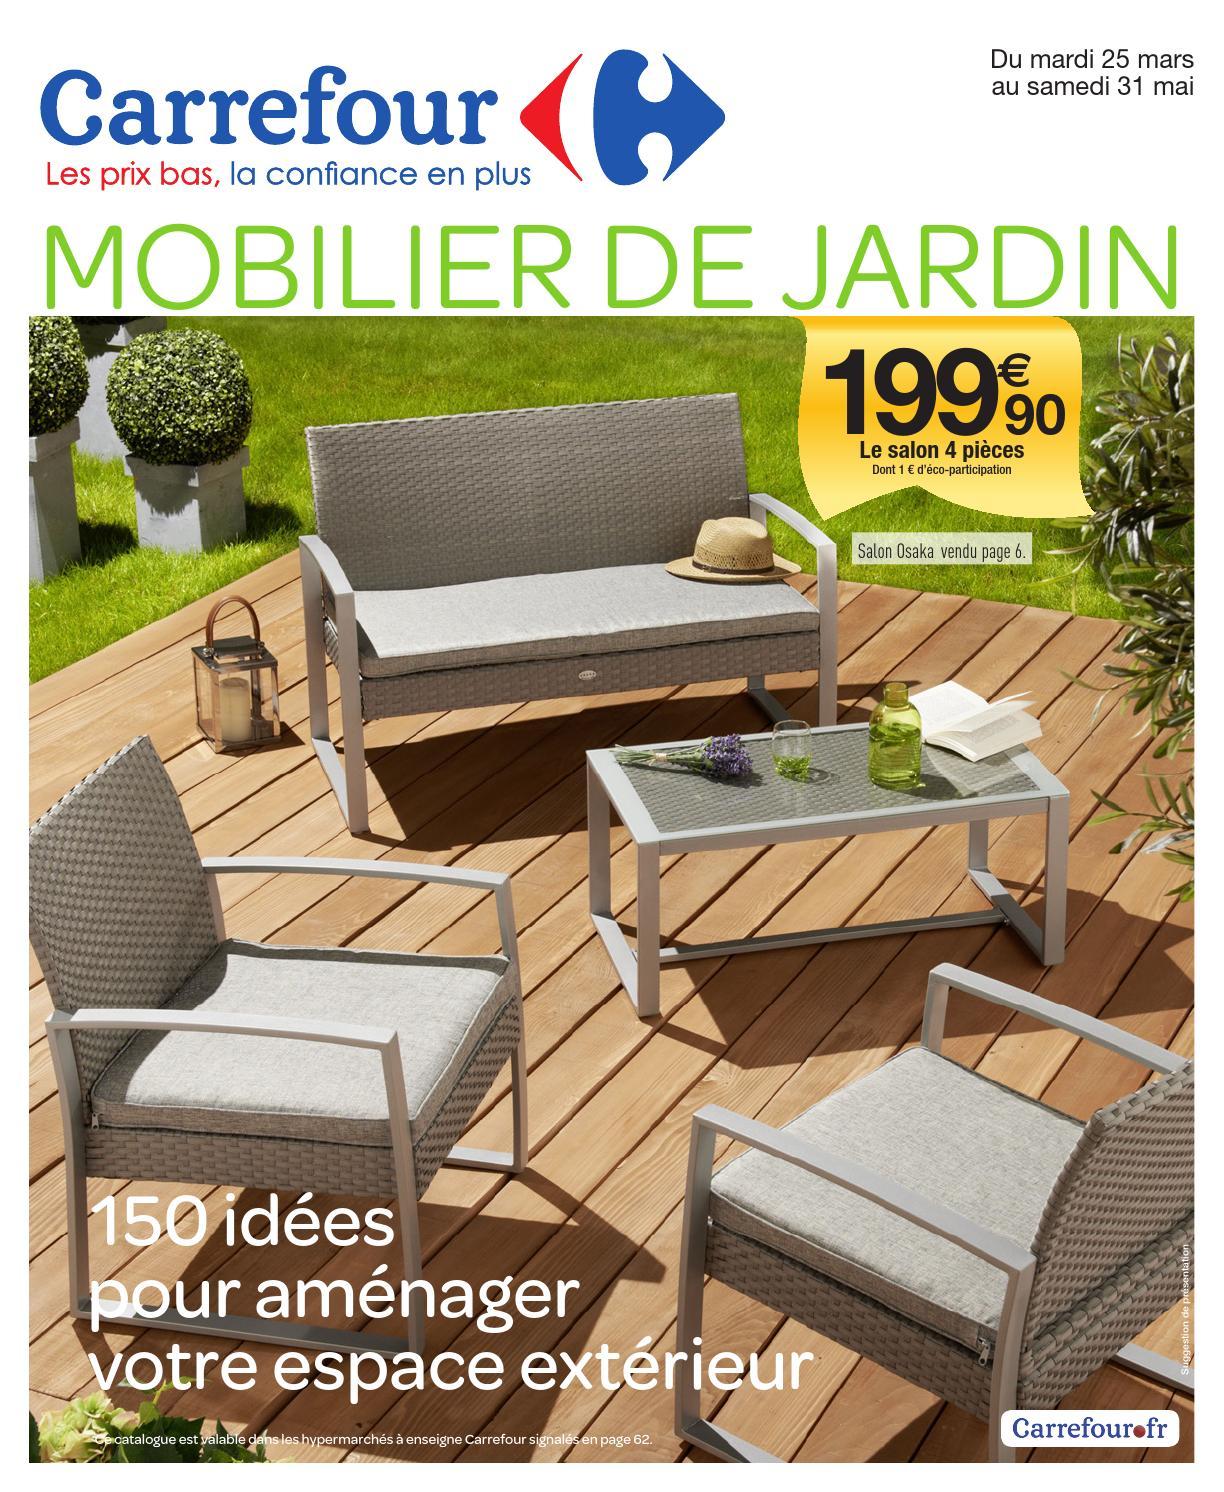 Catalogue Carrefour - 25.03-31.05.2014 By Joe Monroe - Issuu intérieur Transat Jardin Chez Leclerc